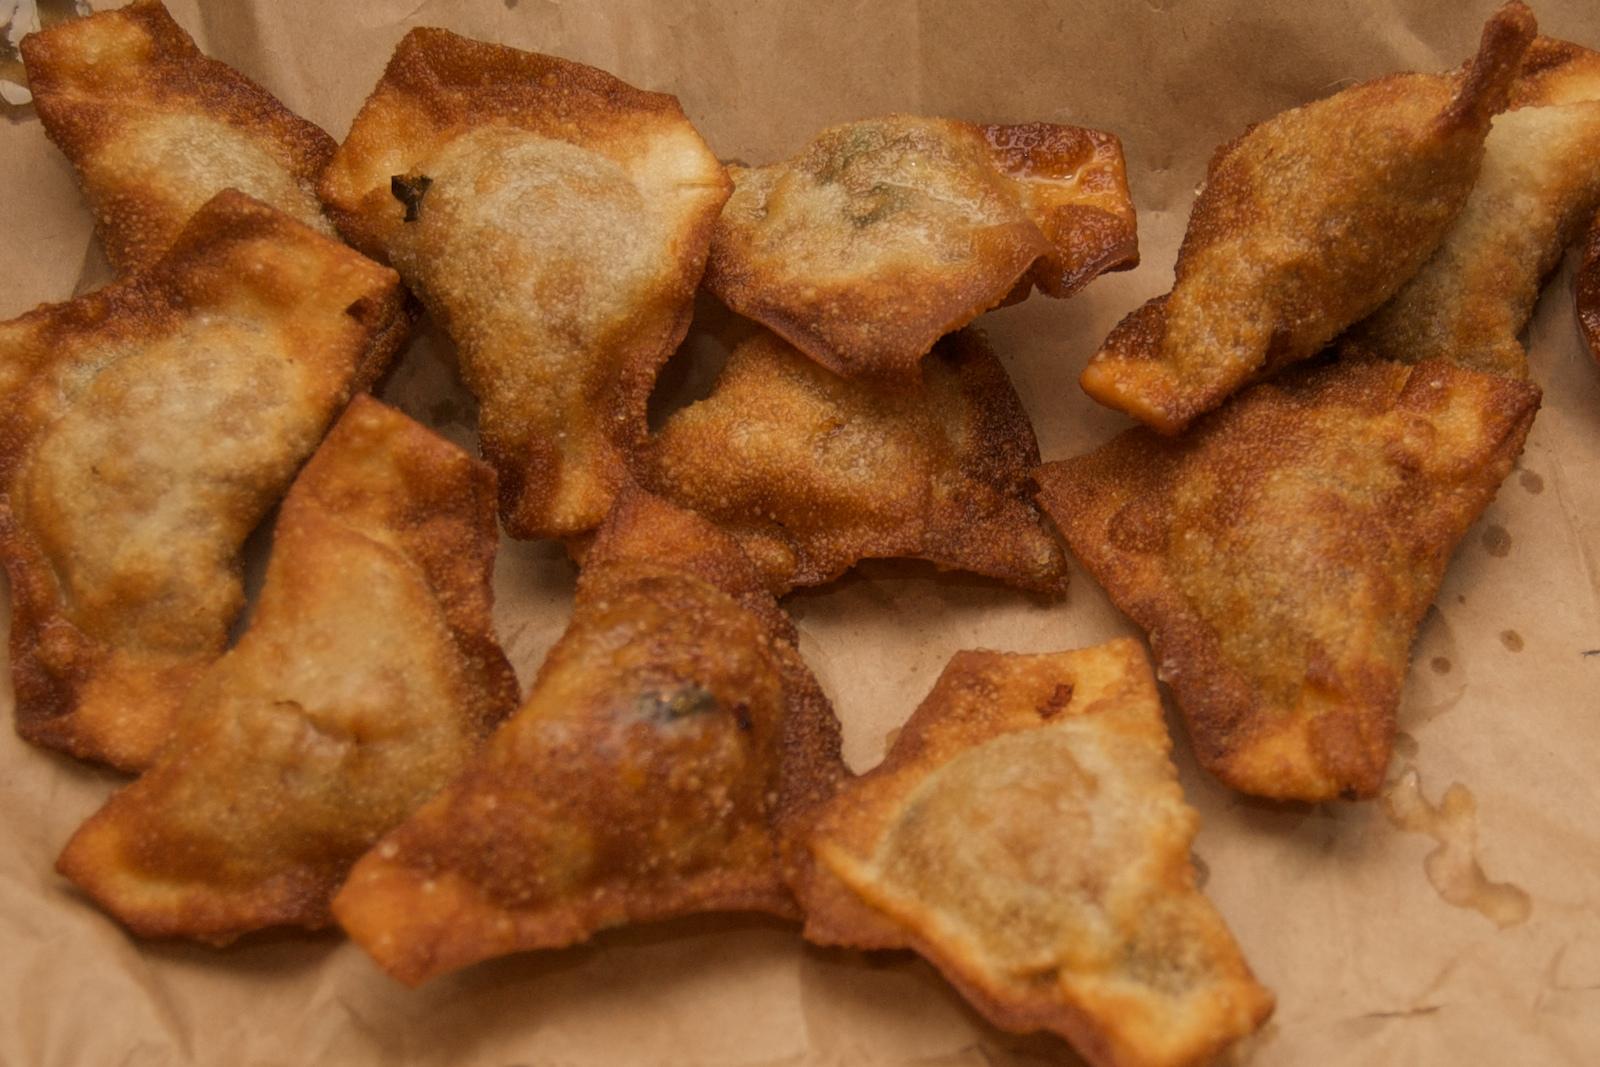 http://blog.rickk.com/food/2010/01/12/DSC_0021.jpg